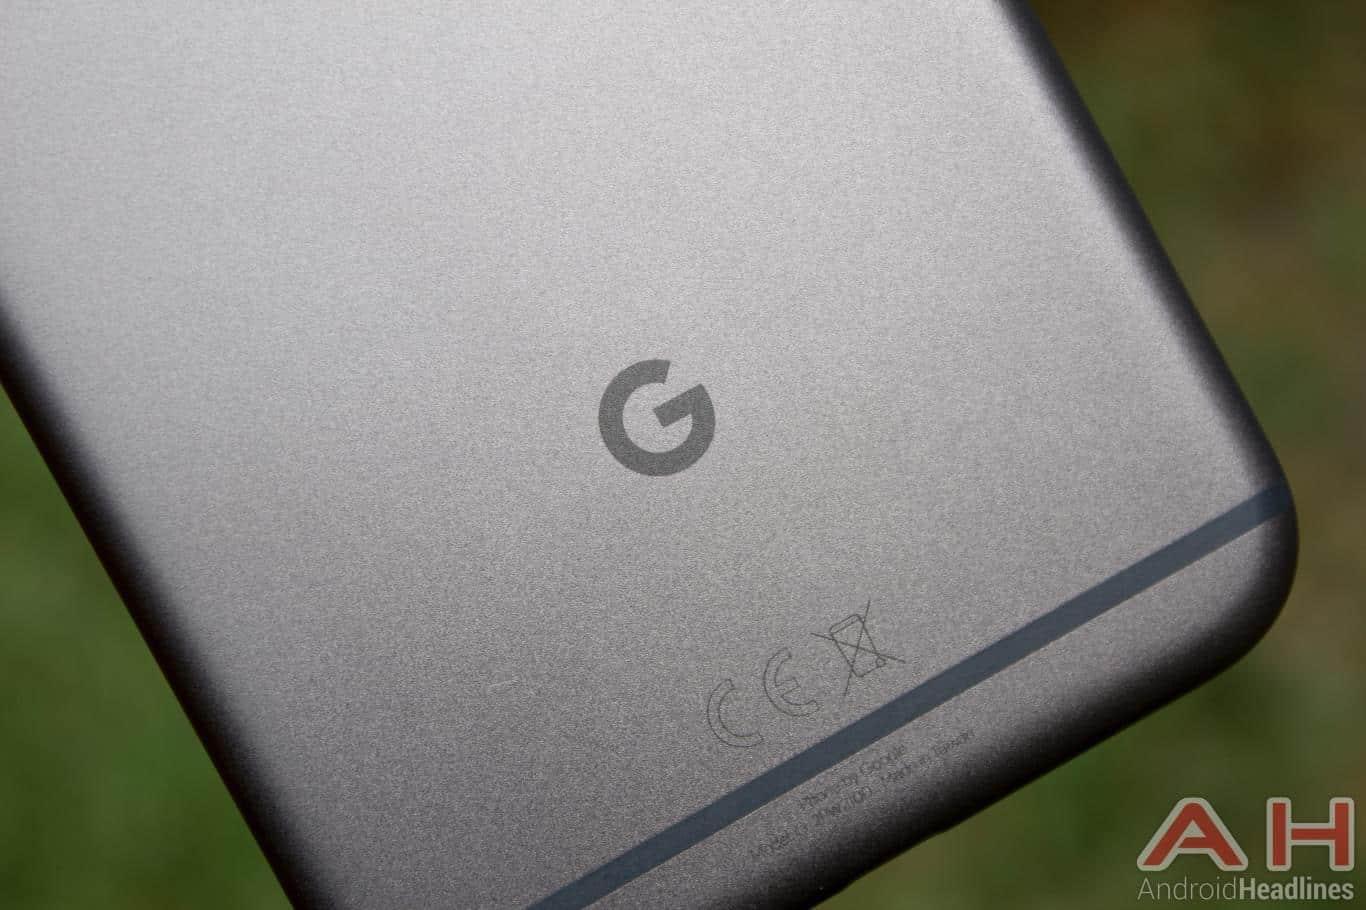 google-pixel-xl-ah-ns-03-logo